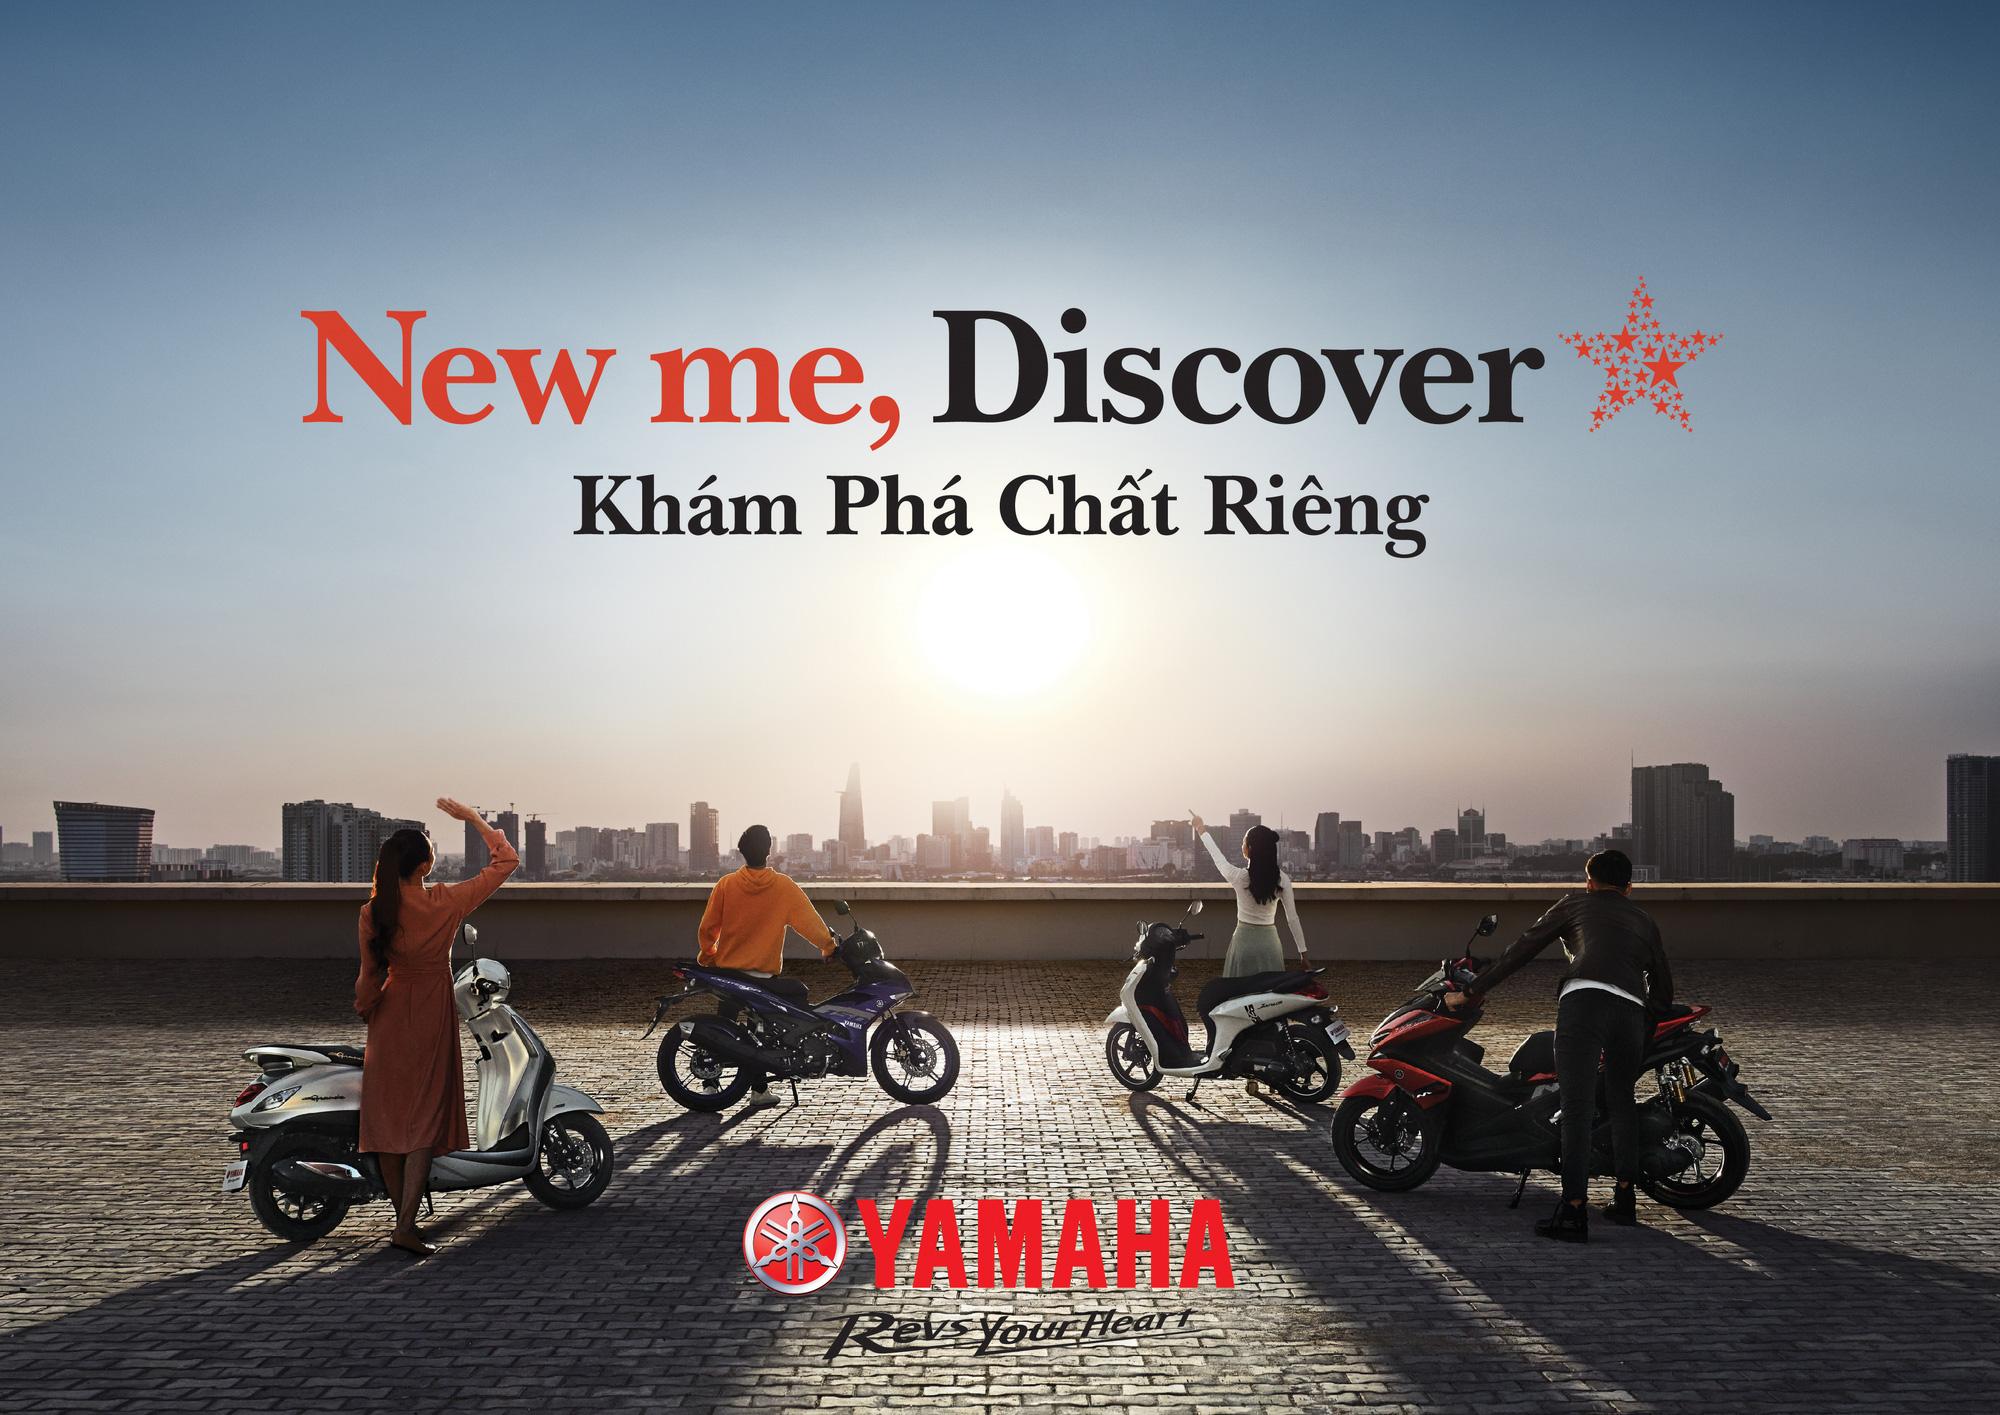 Chủ tịch Yamaha Việt Nam: 'Chúng tôi sẽ khơi dậy khách hàng trẻ tìm được bản ngã của chính mình' - Ảnh 2.